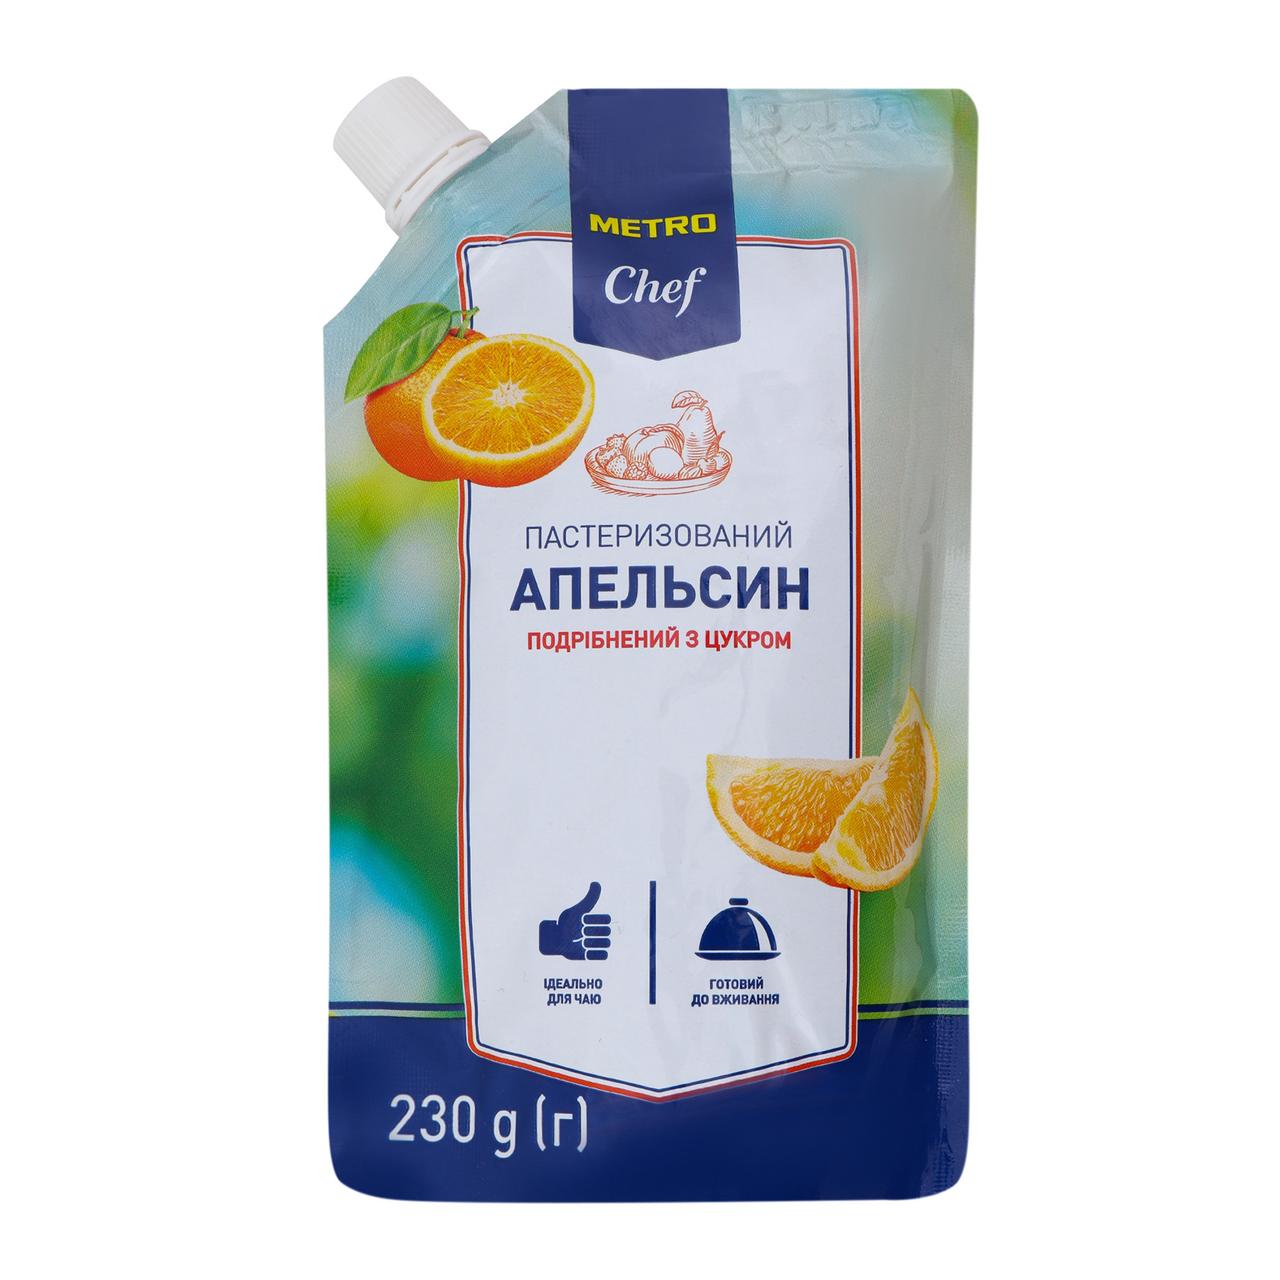 Апельсин Metro Chef подрібнений з цукром пастеризований 230г